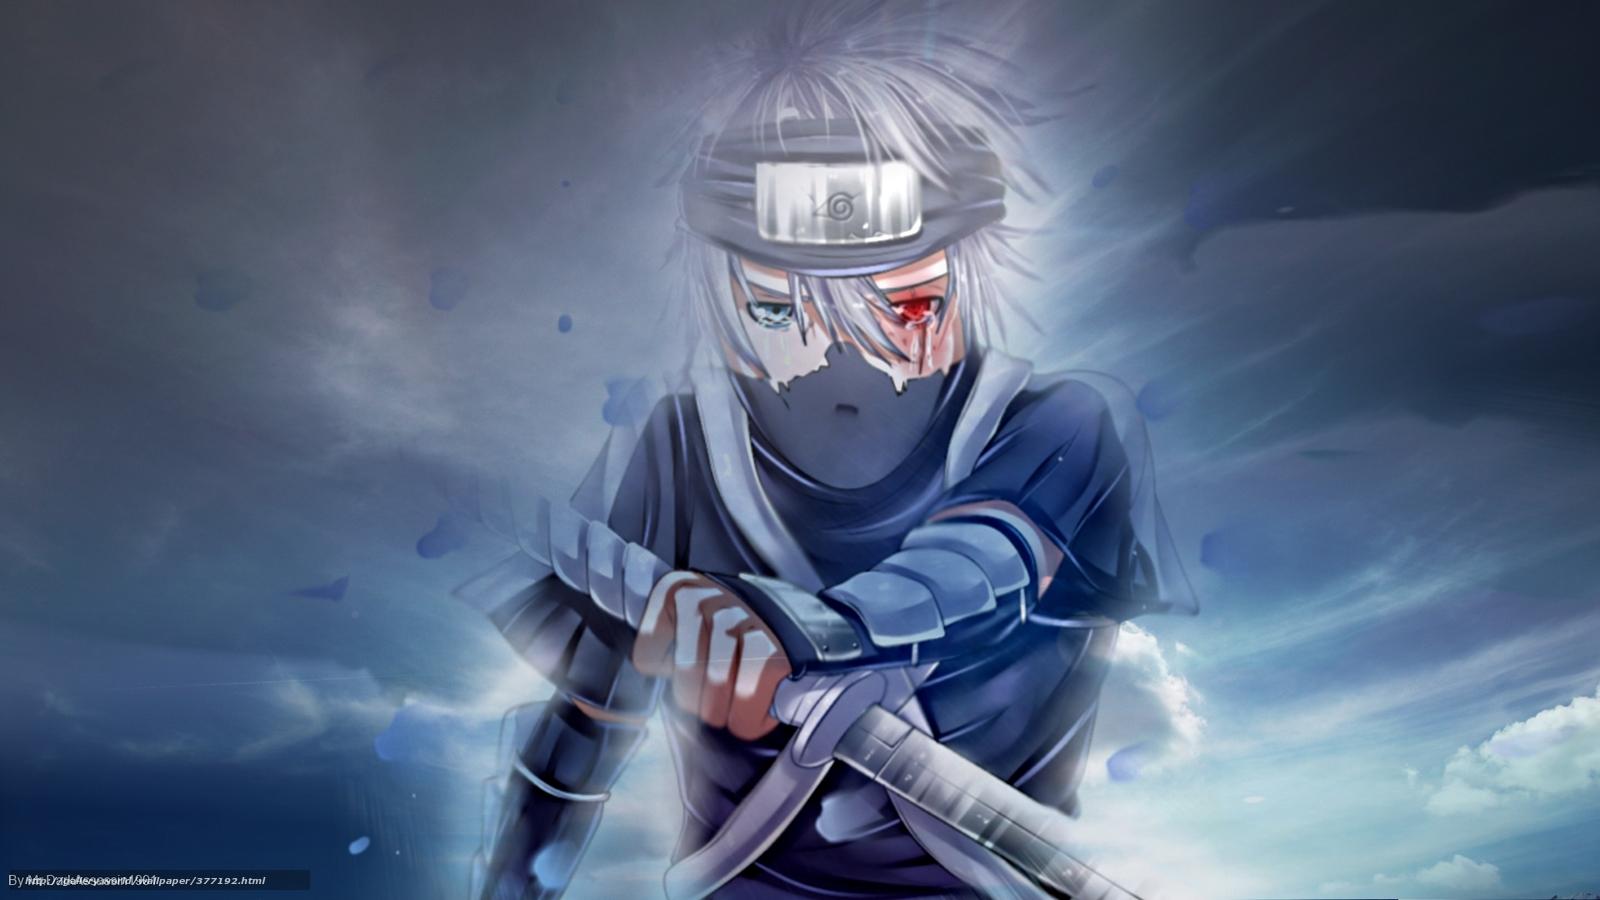 Fonds d'écran Naruto - Fonds d'écran HD